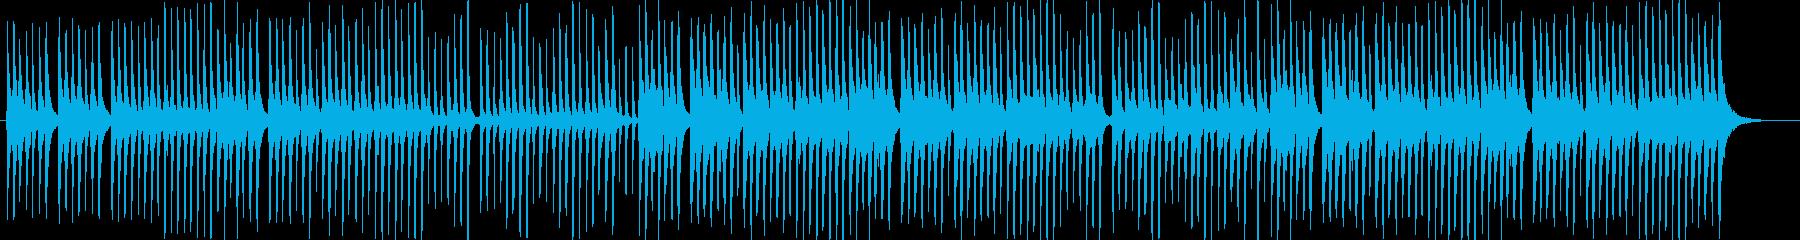 三味線と太鼓のシンプルな和風曲。の再生済みの波形